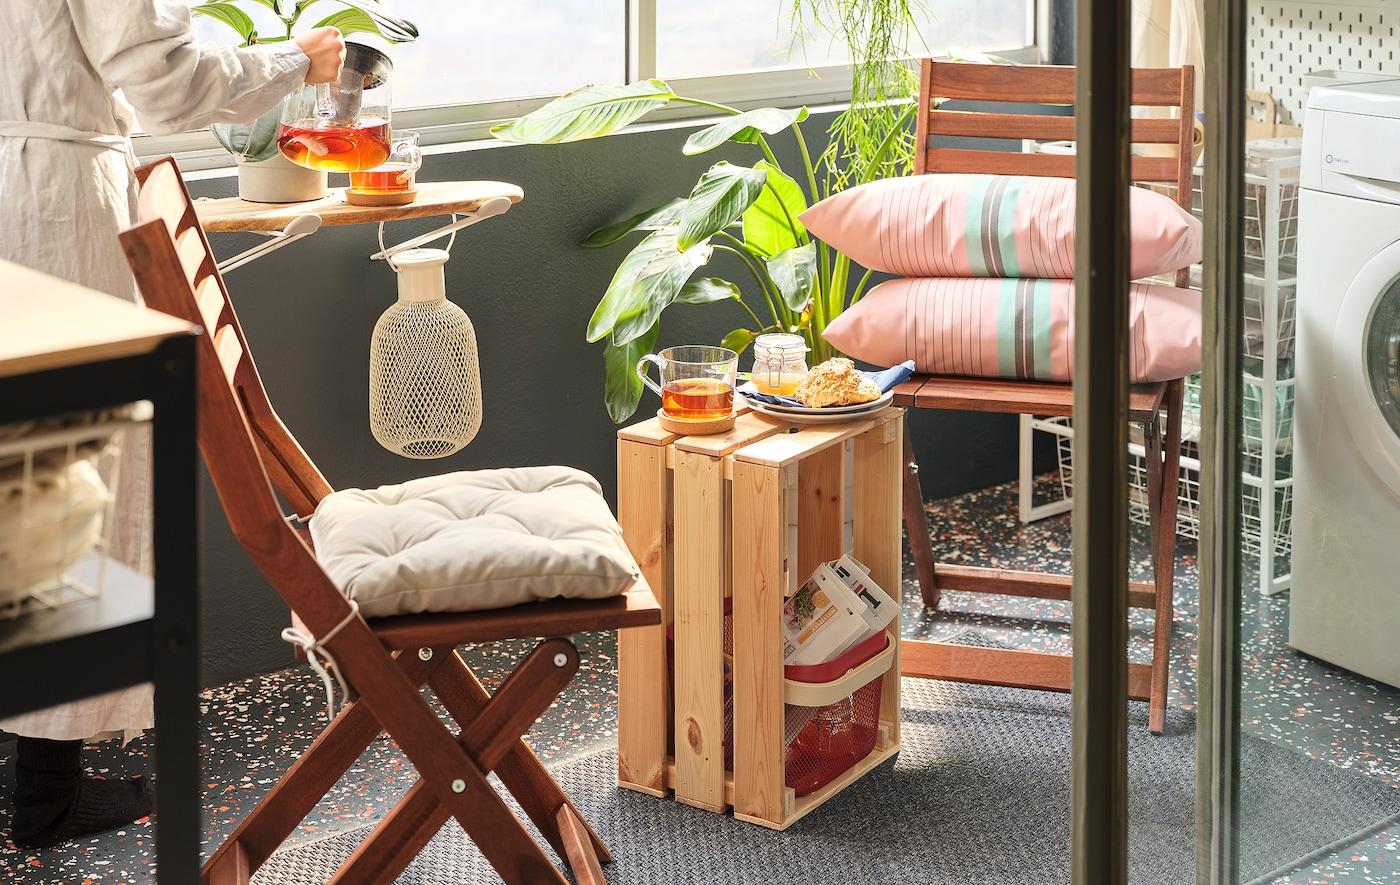 ركن للقهوة في شرفة مضاءة بأشعة الشمس تمت تهيئته من خلال كراسي قابلة للطي وصندوق قائم بذاته KNAGGLIG موضوع على جانبه كطاولة صغيرة بينها.